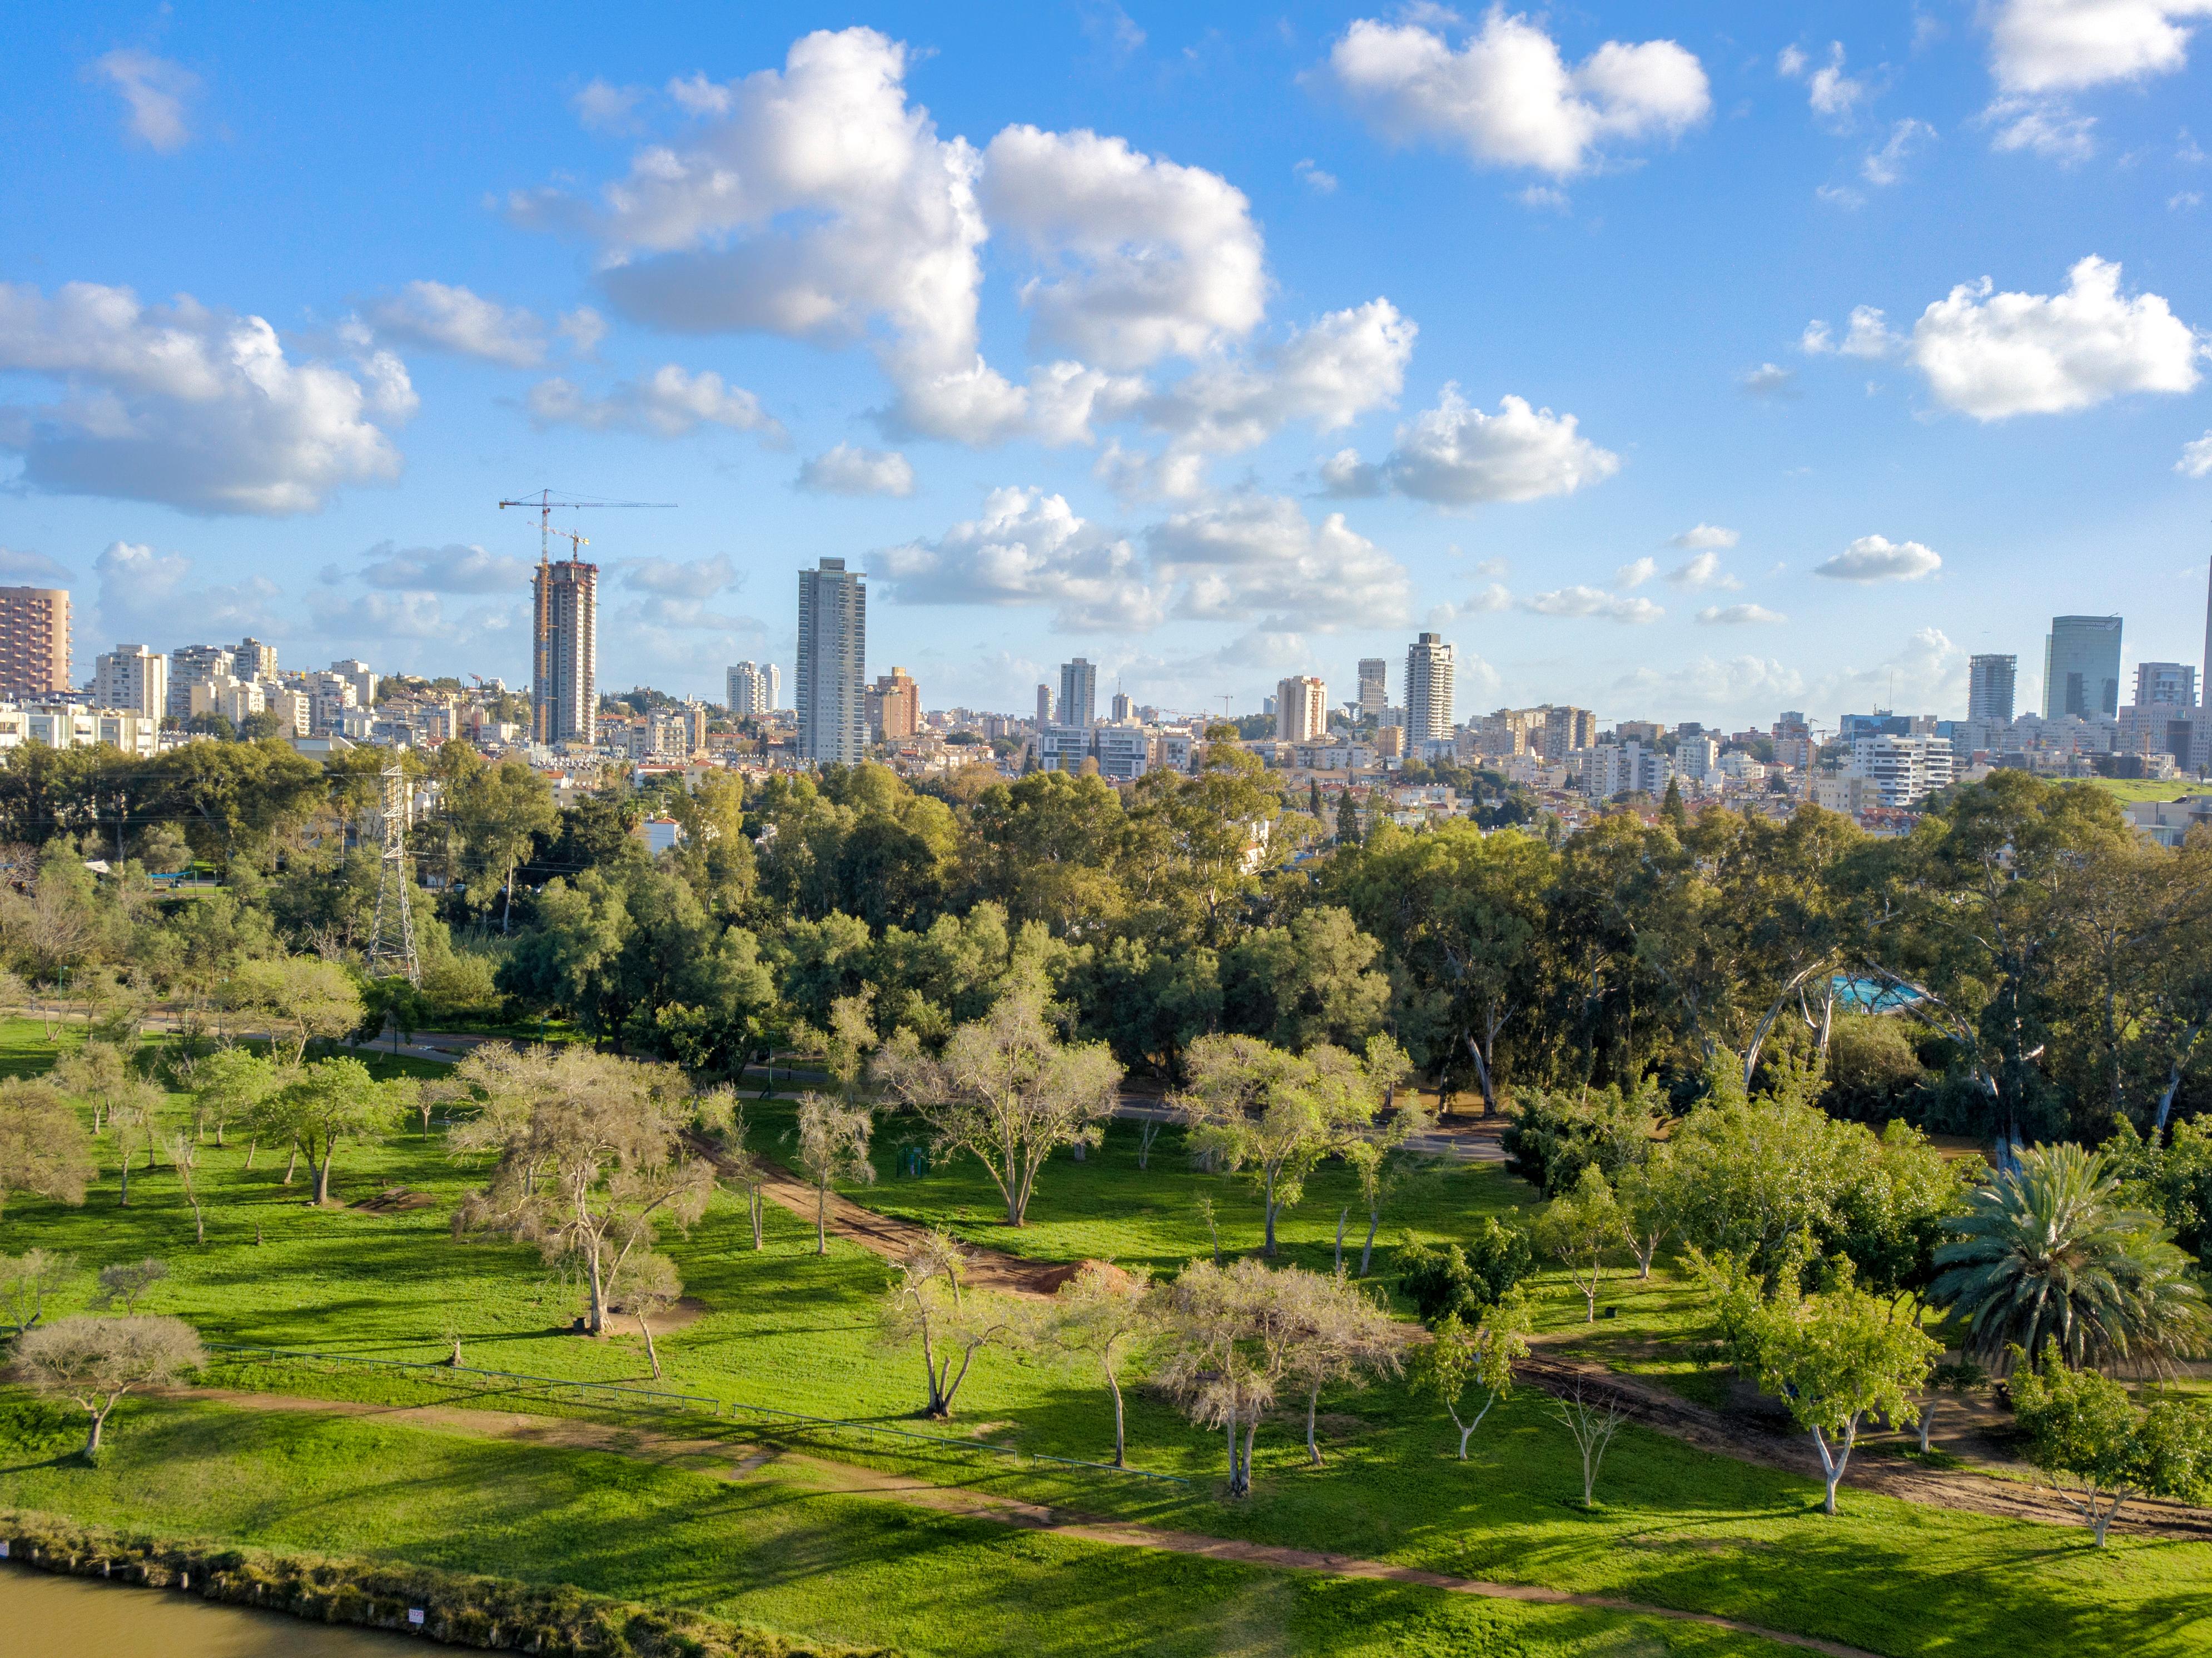 פארקים בישראל - שלמה סיקסט השכרת רכב